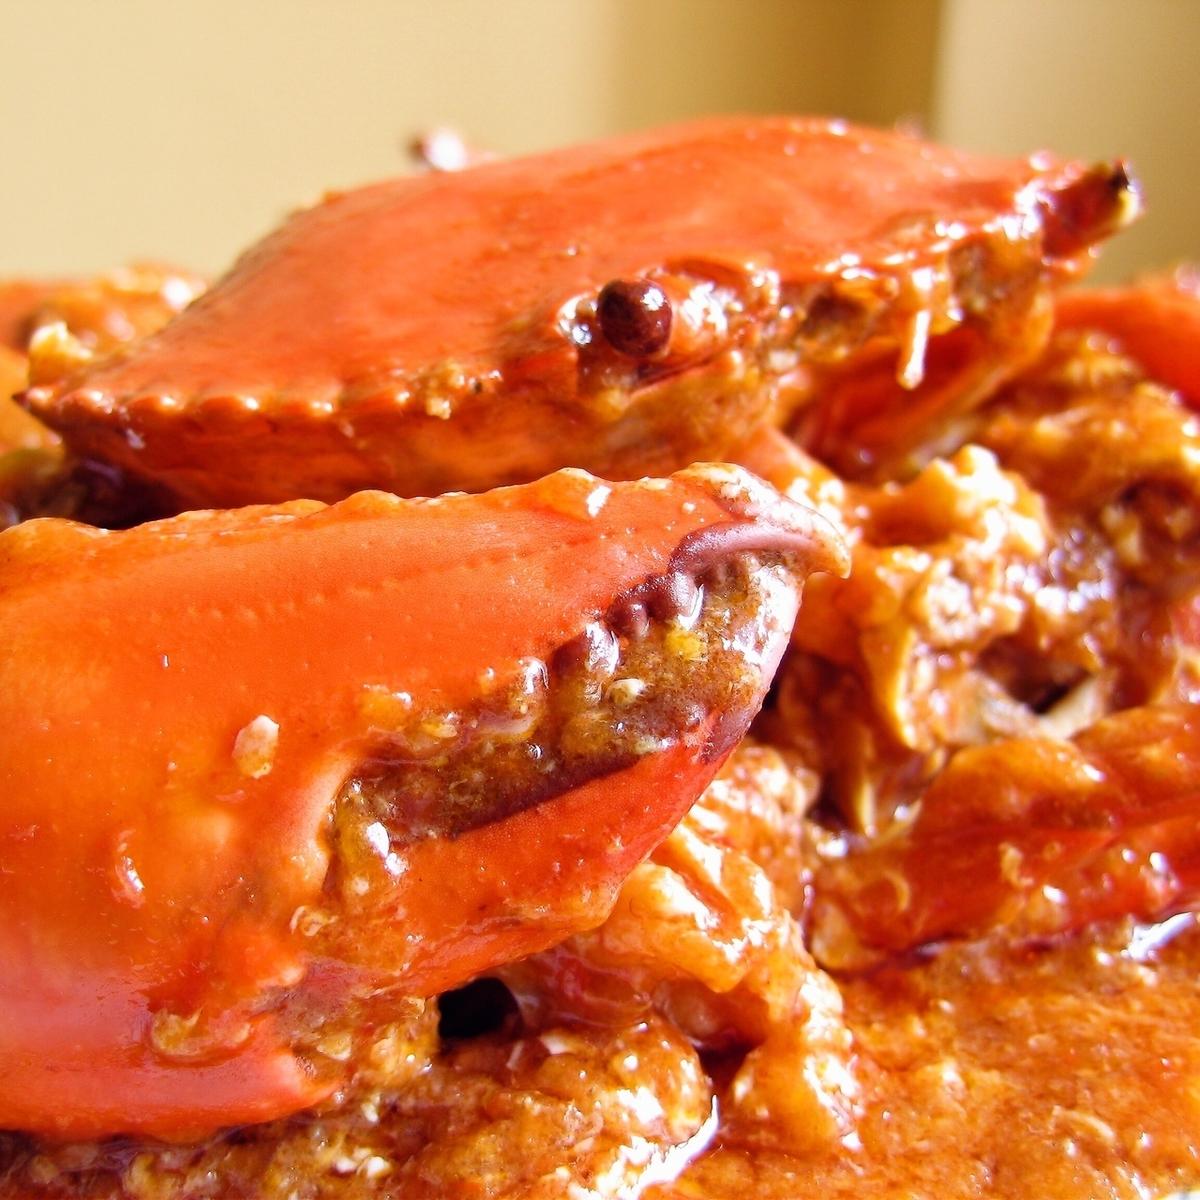 新加坡智利俱乐部海鲜之王新加坡辣椒螃蟹